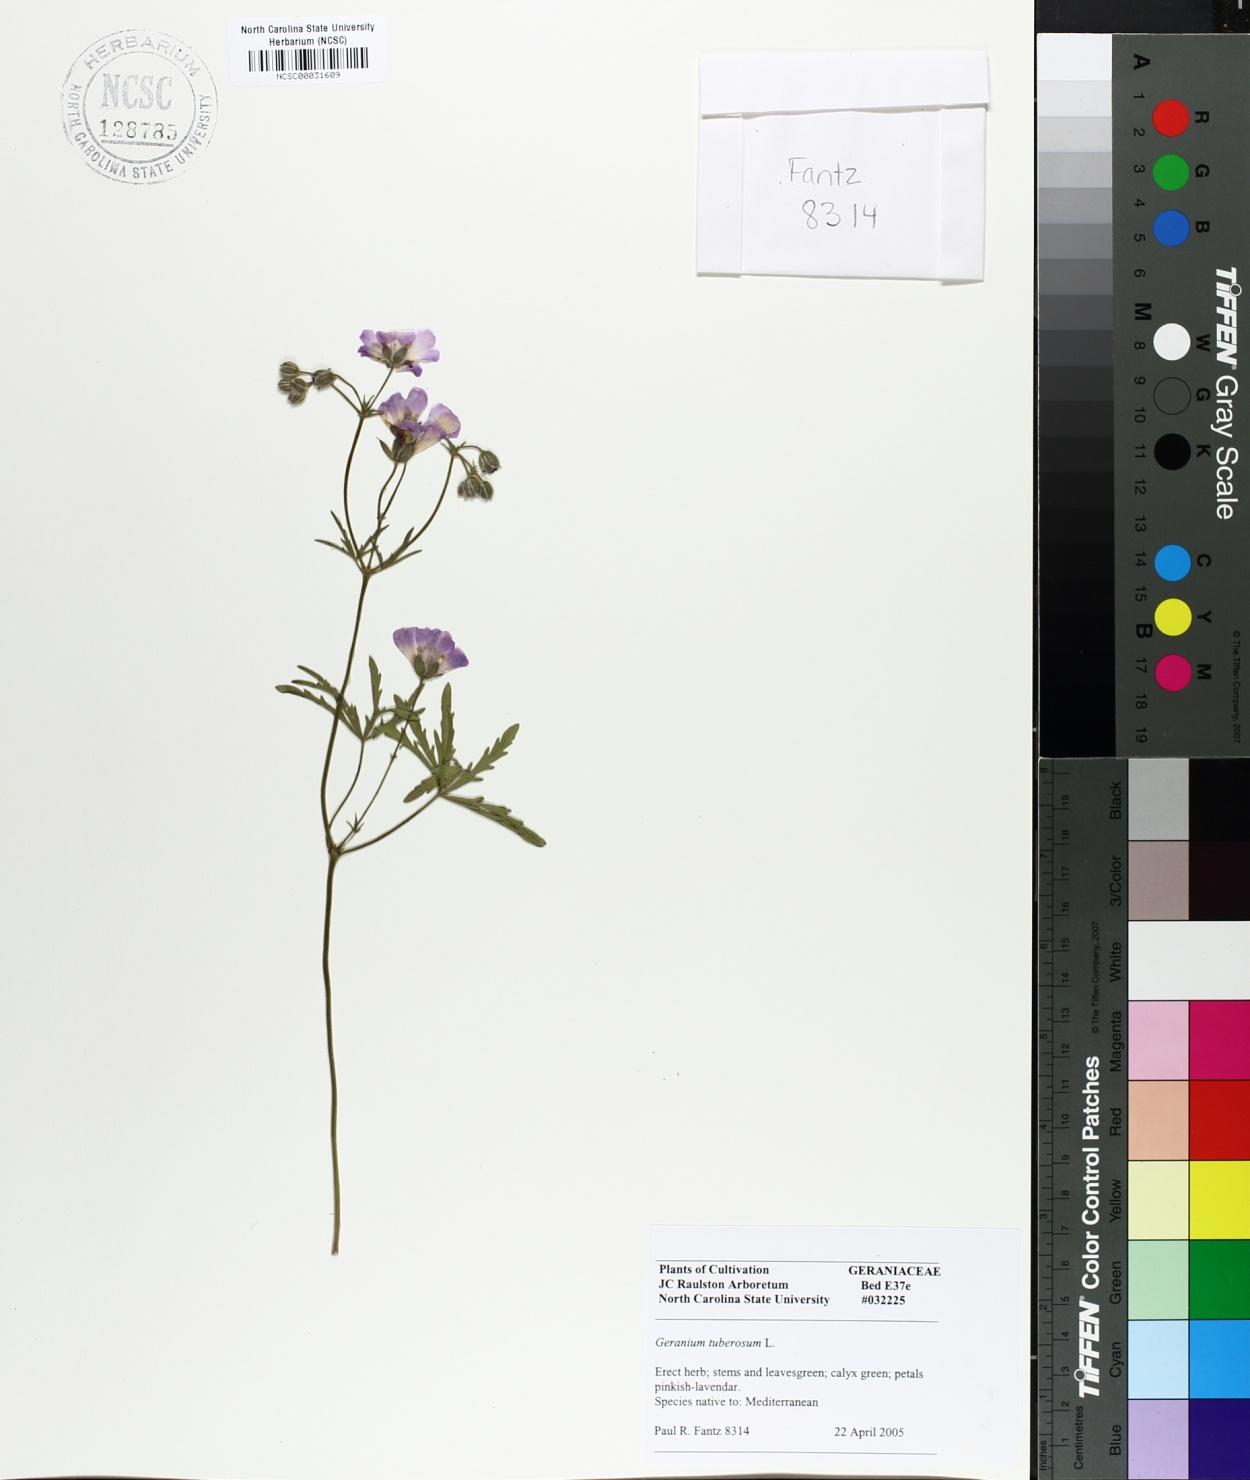 Geranium tuberosum image